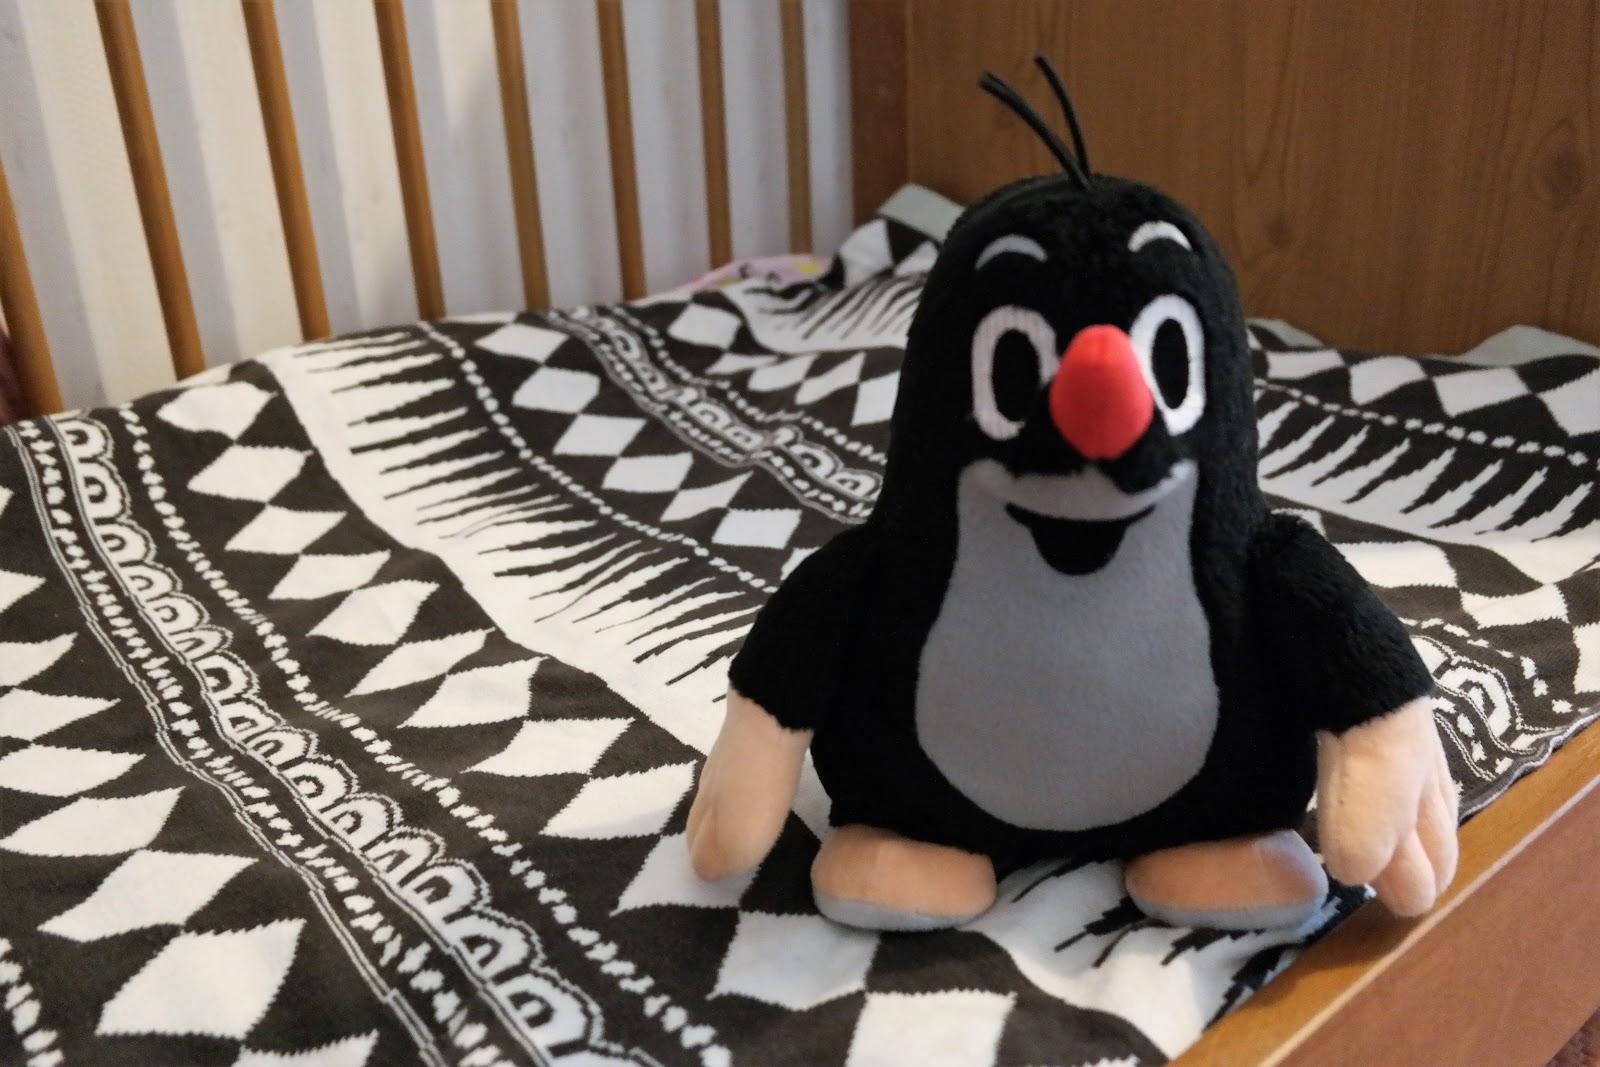 Taaperon lempeä unikoulu ja siirtäminen omaan huoneeseen nukkumaan